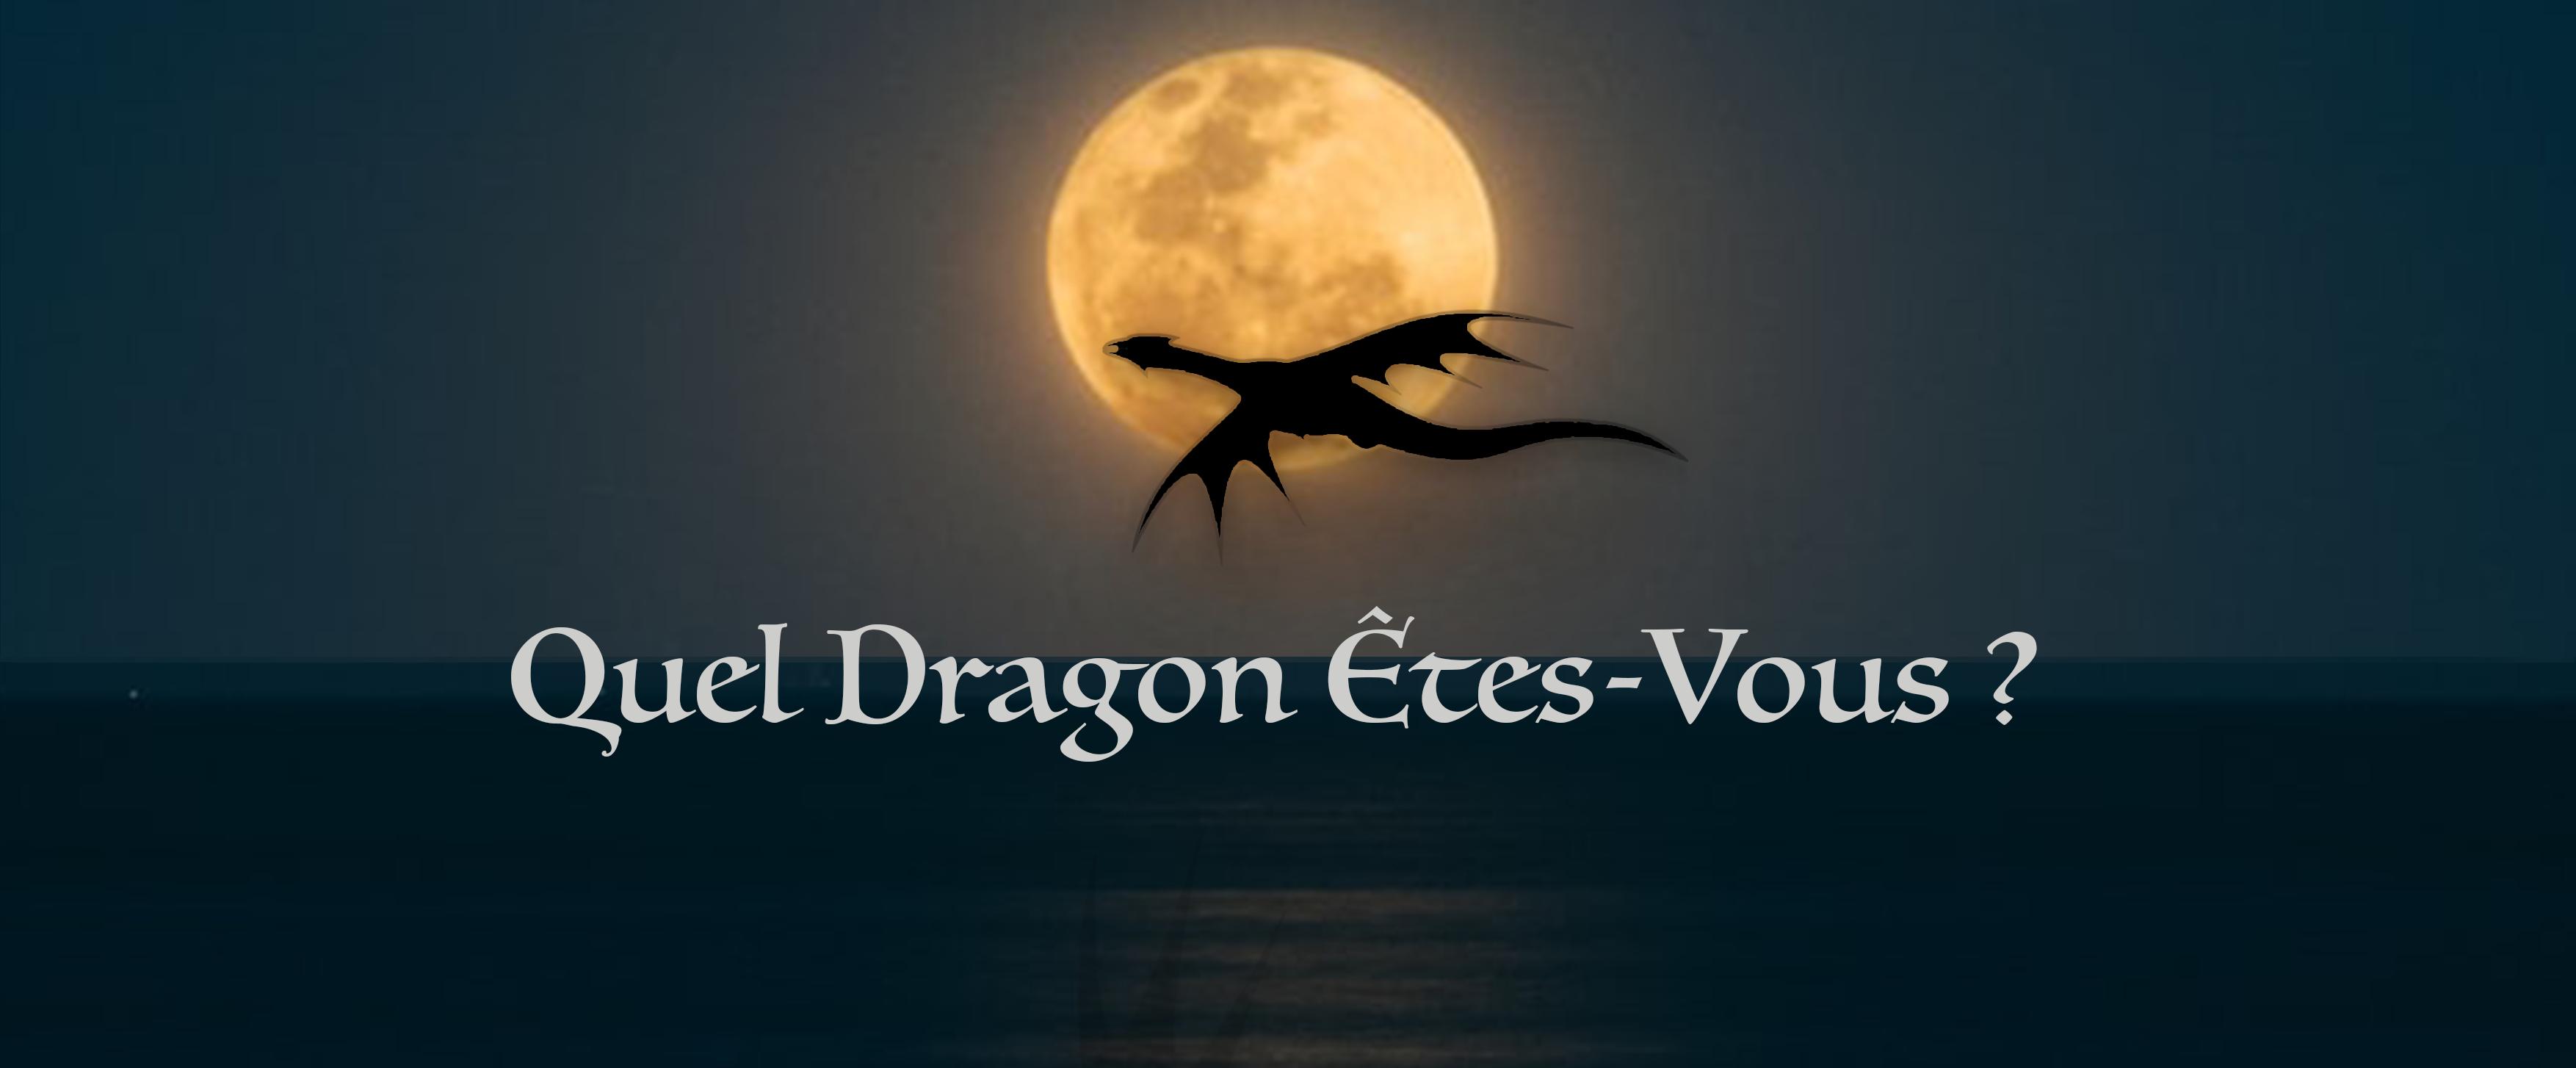 [TEST] Quel Dragon Êtes-vous ?